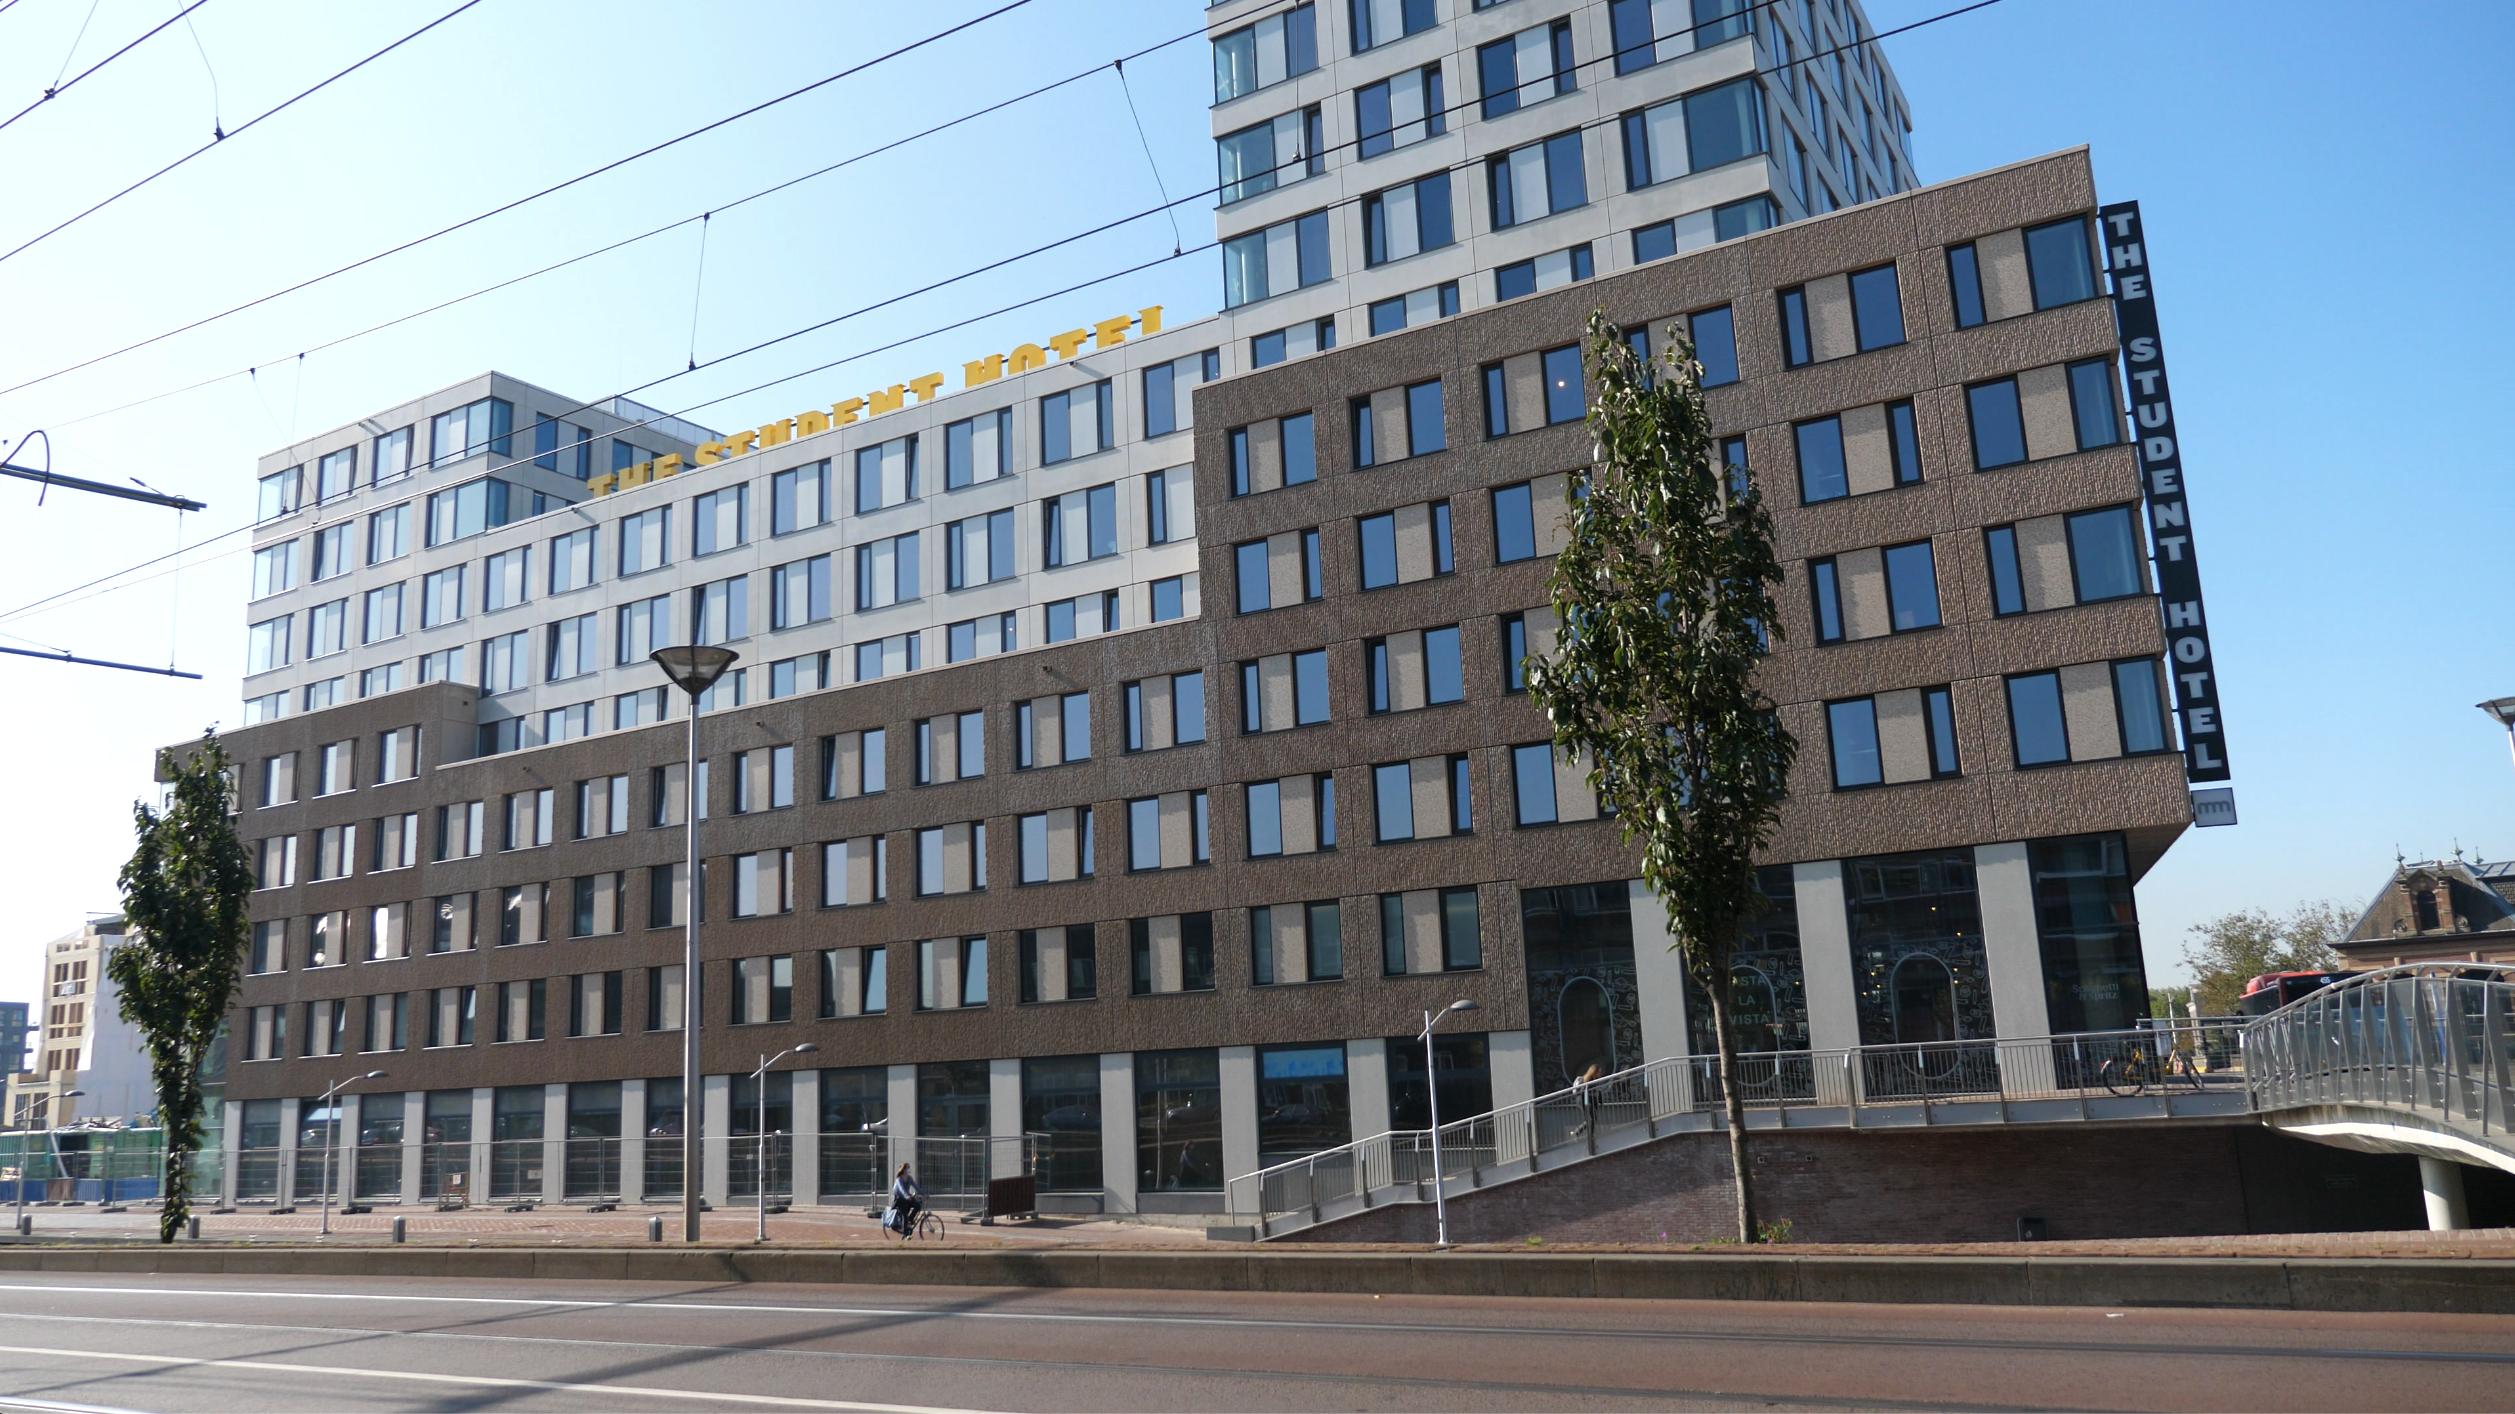 Voorgevel van The Student Hotel in Nieuw Delft